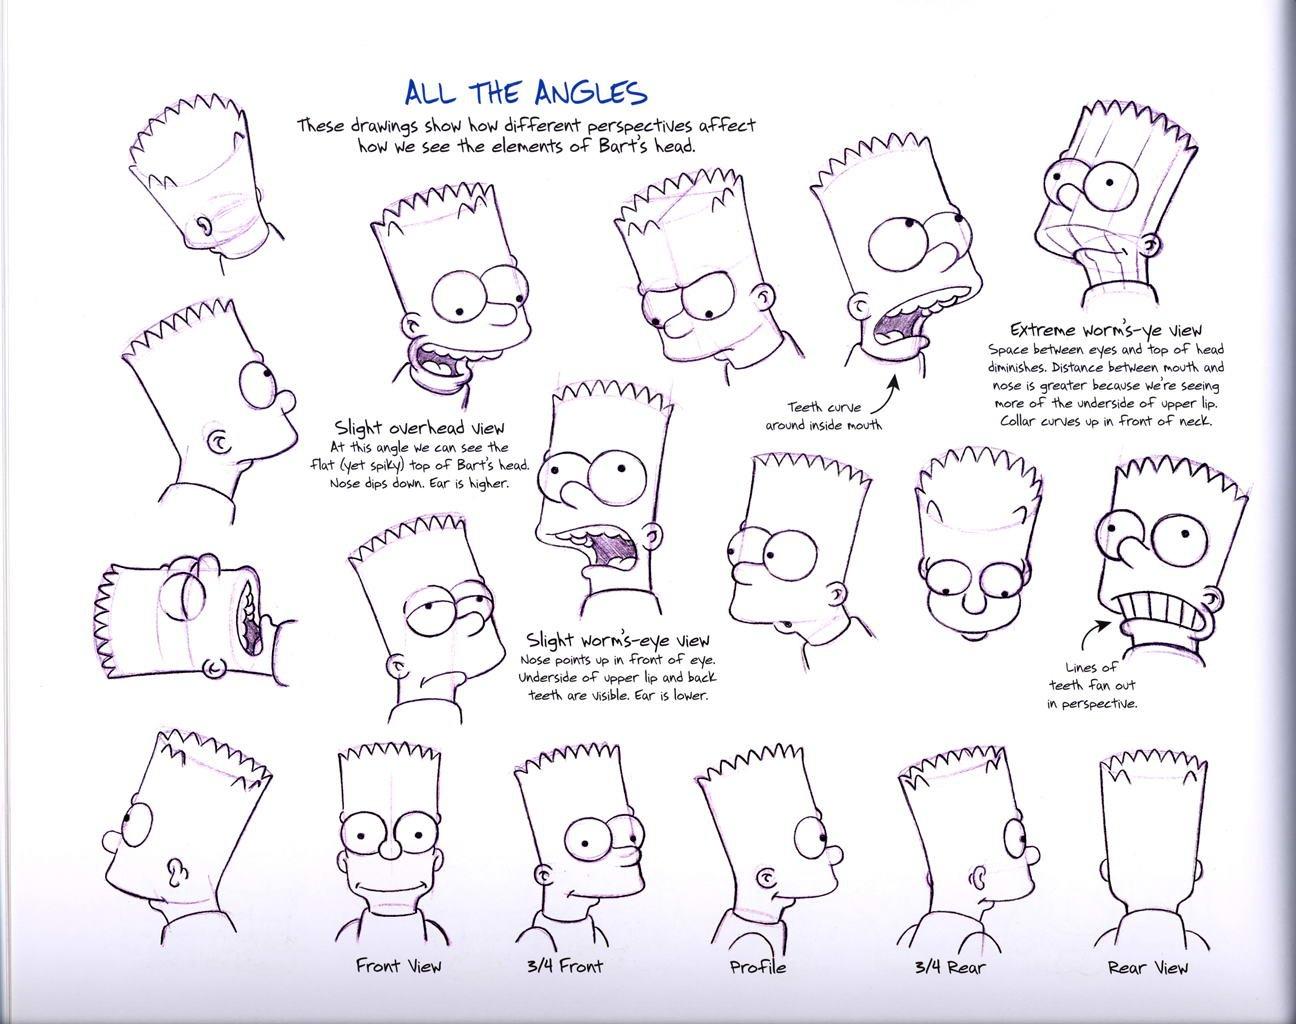 Como dibujar a personajes de Los Simpsons! [Muy Bueno]